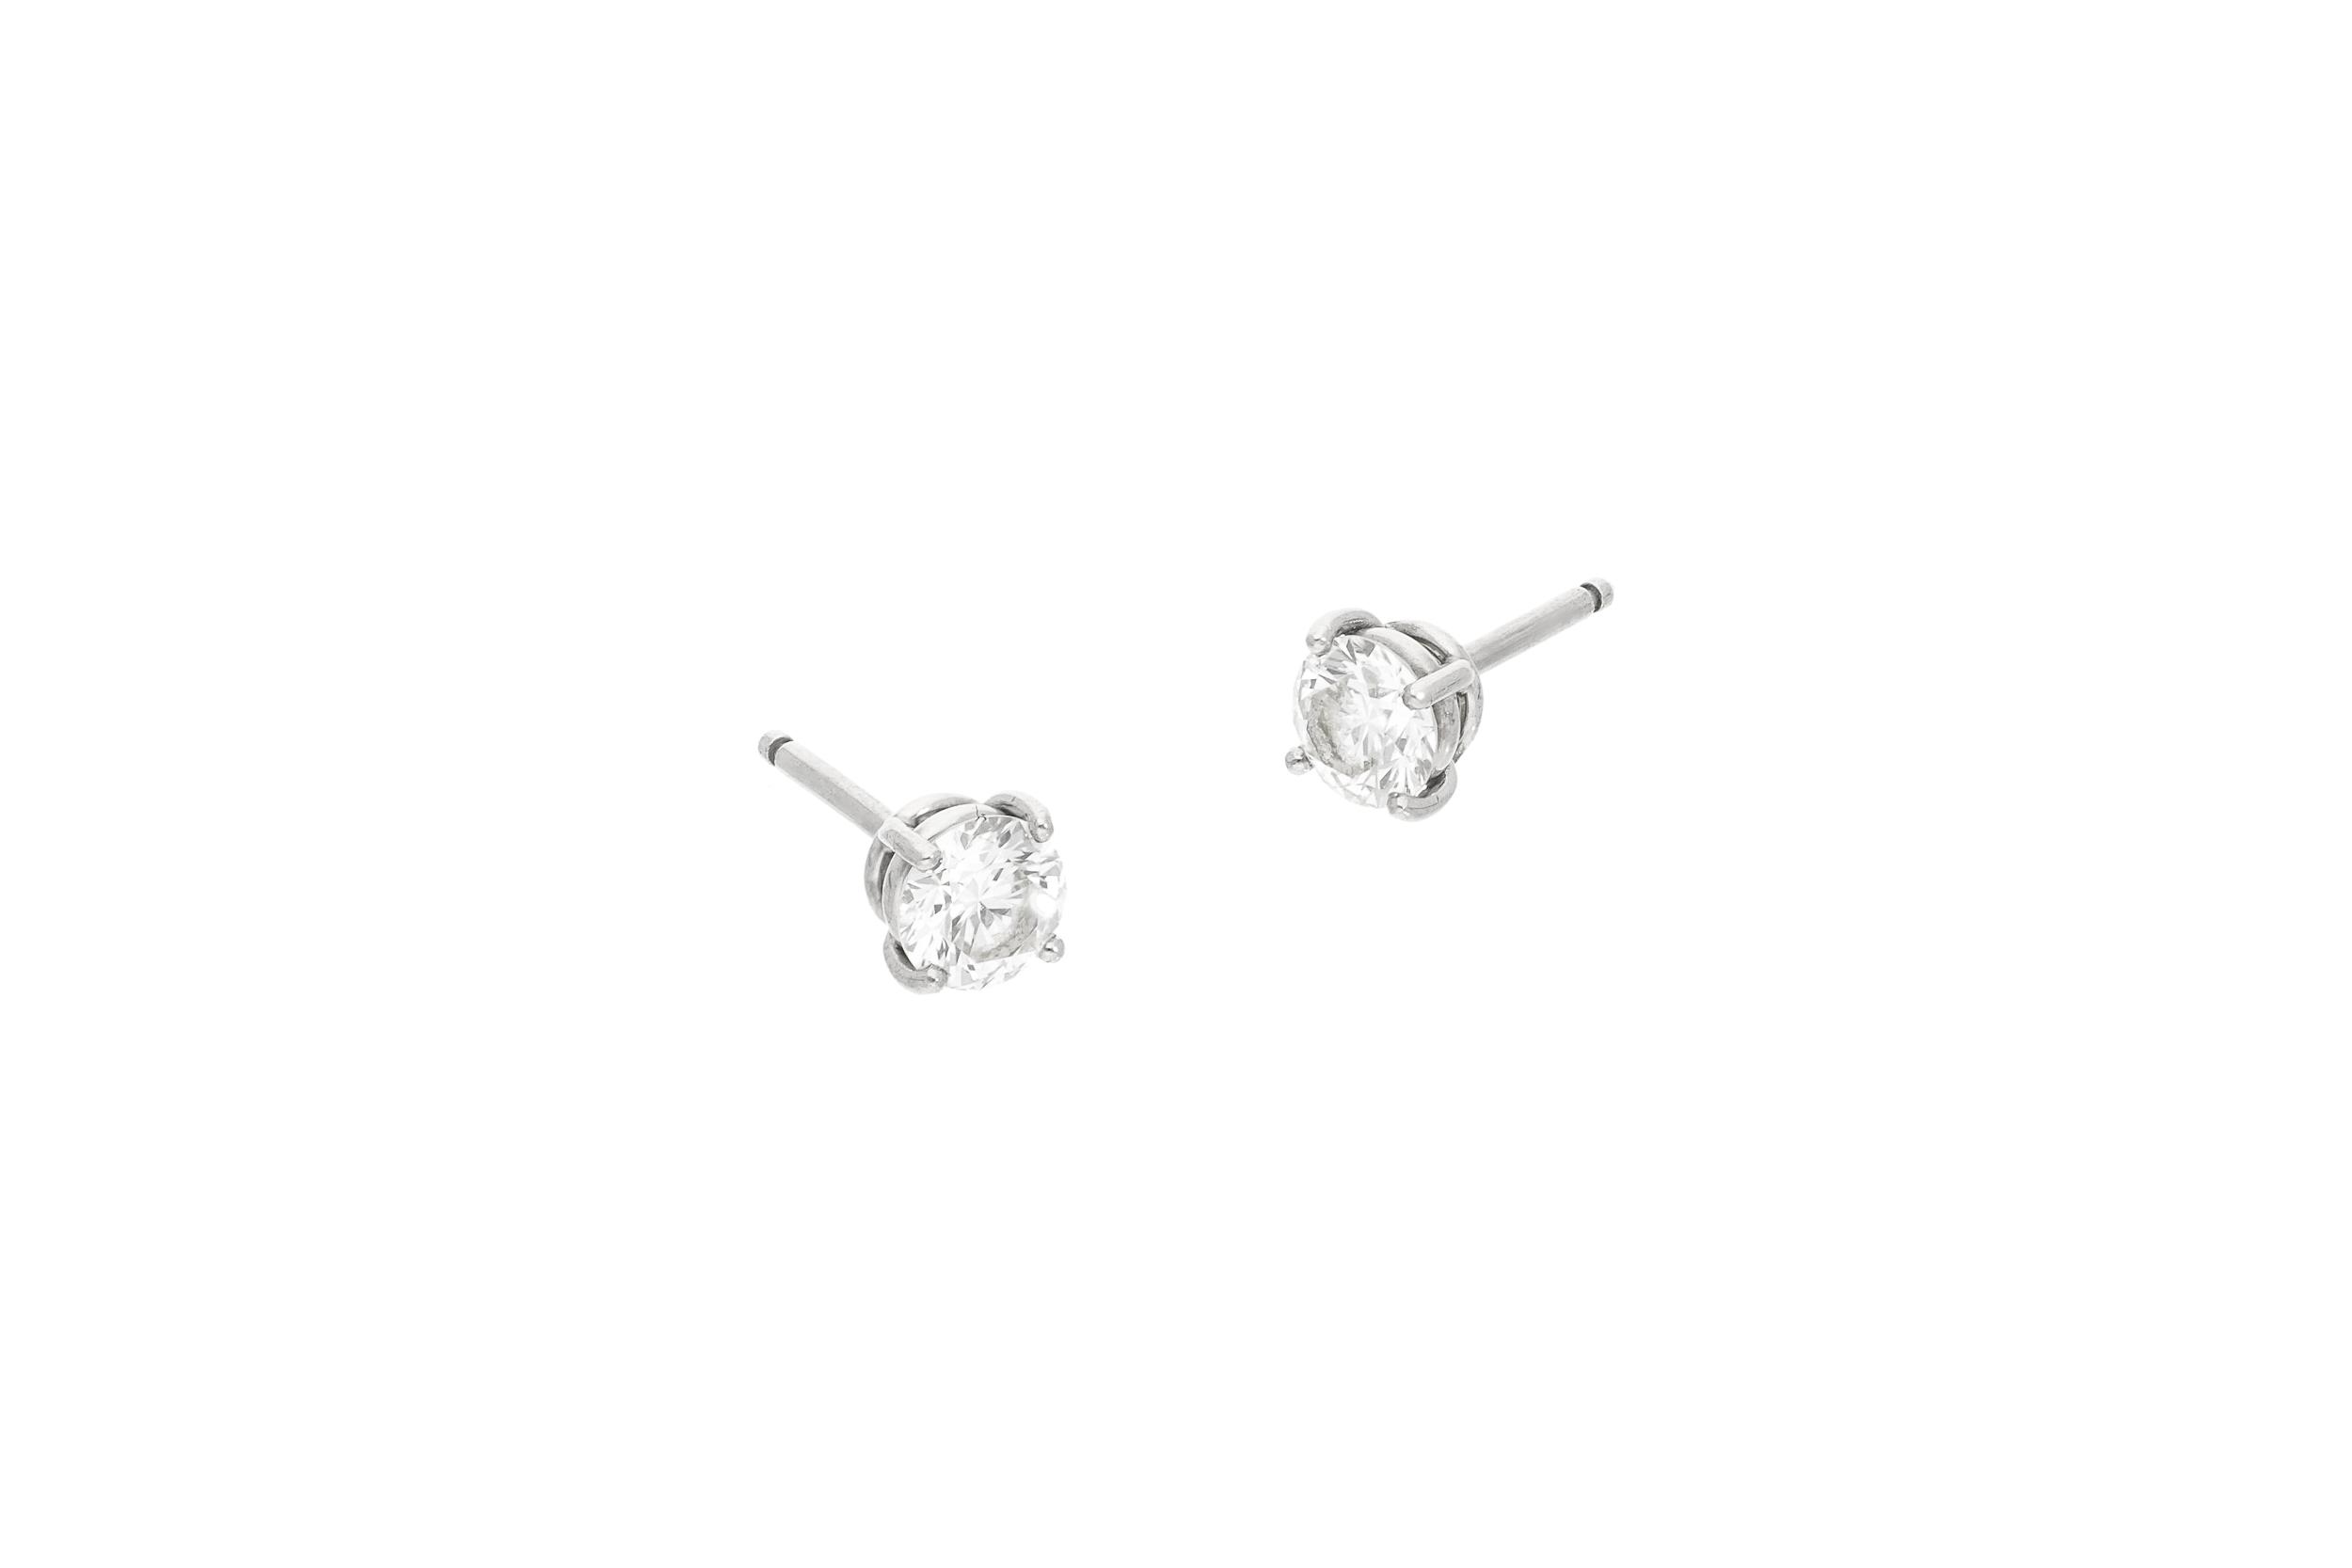 Diamond_stud_earrings_2.jpg